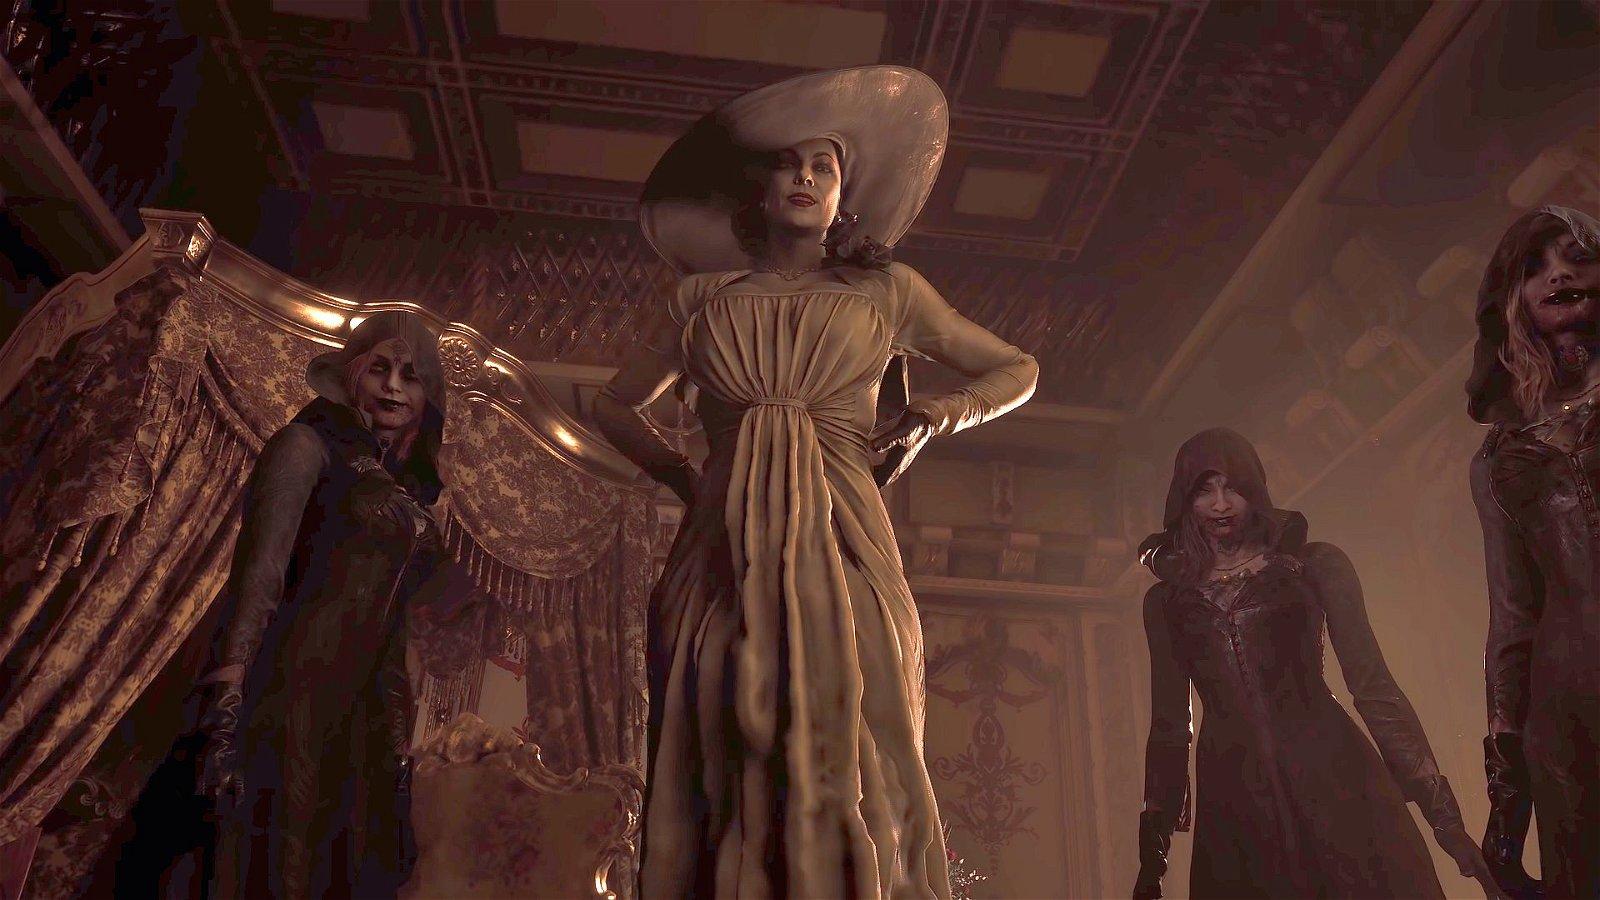 Resident Evil Village Showcase Brings the Van Helsing Vibes